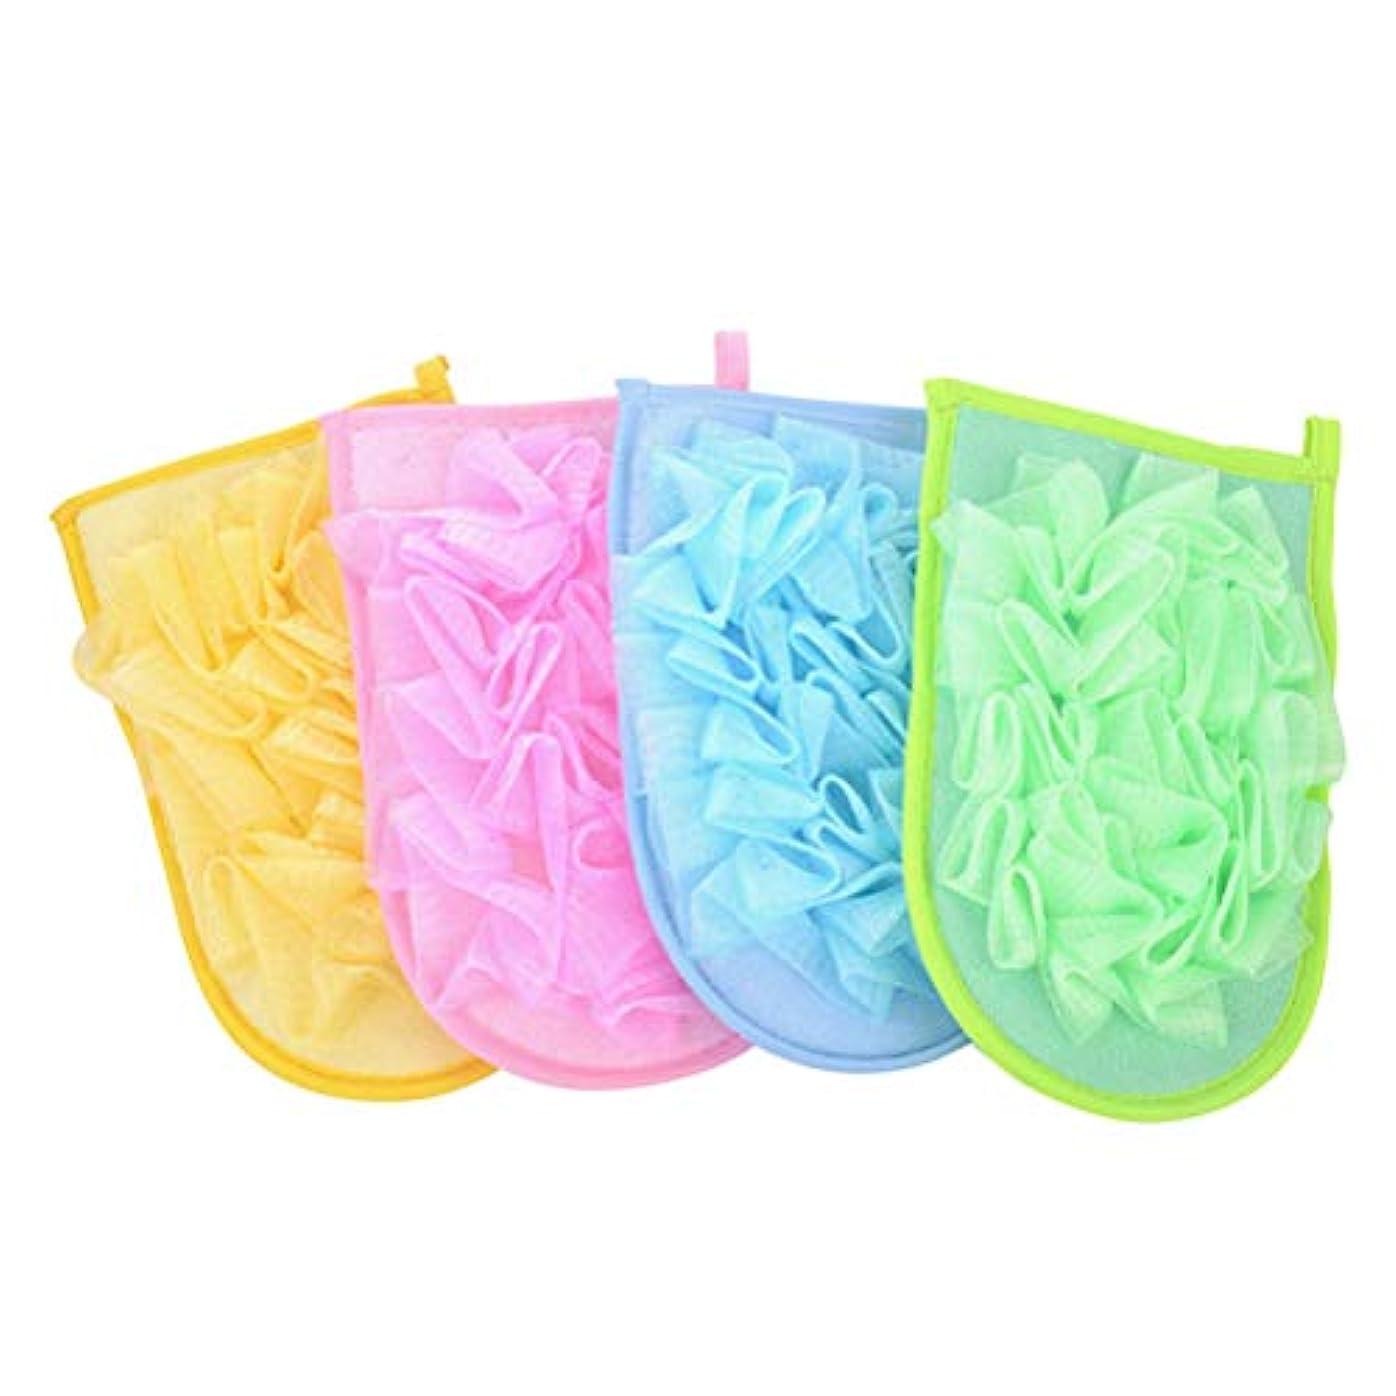 類推高揚した革命TOPBATHY 4本入浴ウォッシュタオル剥離バスグローブバックスクラバーデュアルサイドバスタオル入浴用シャワースパ(混色)